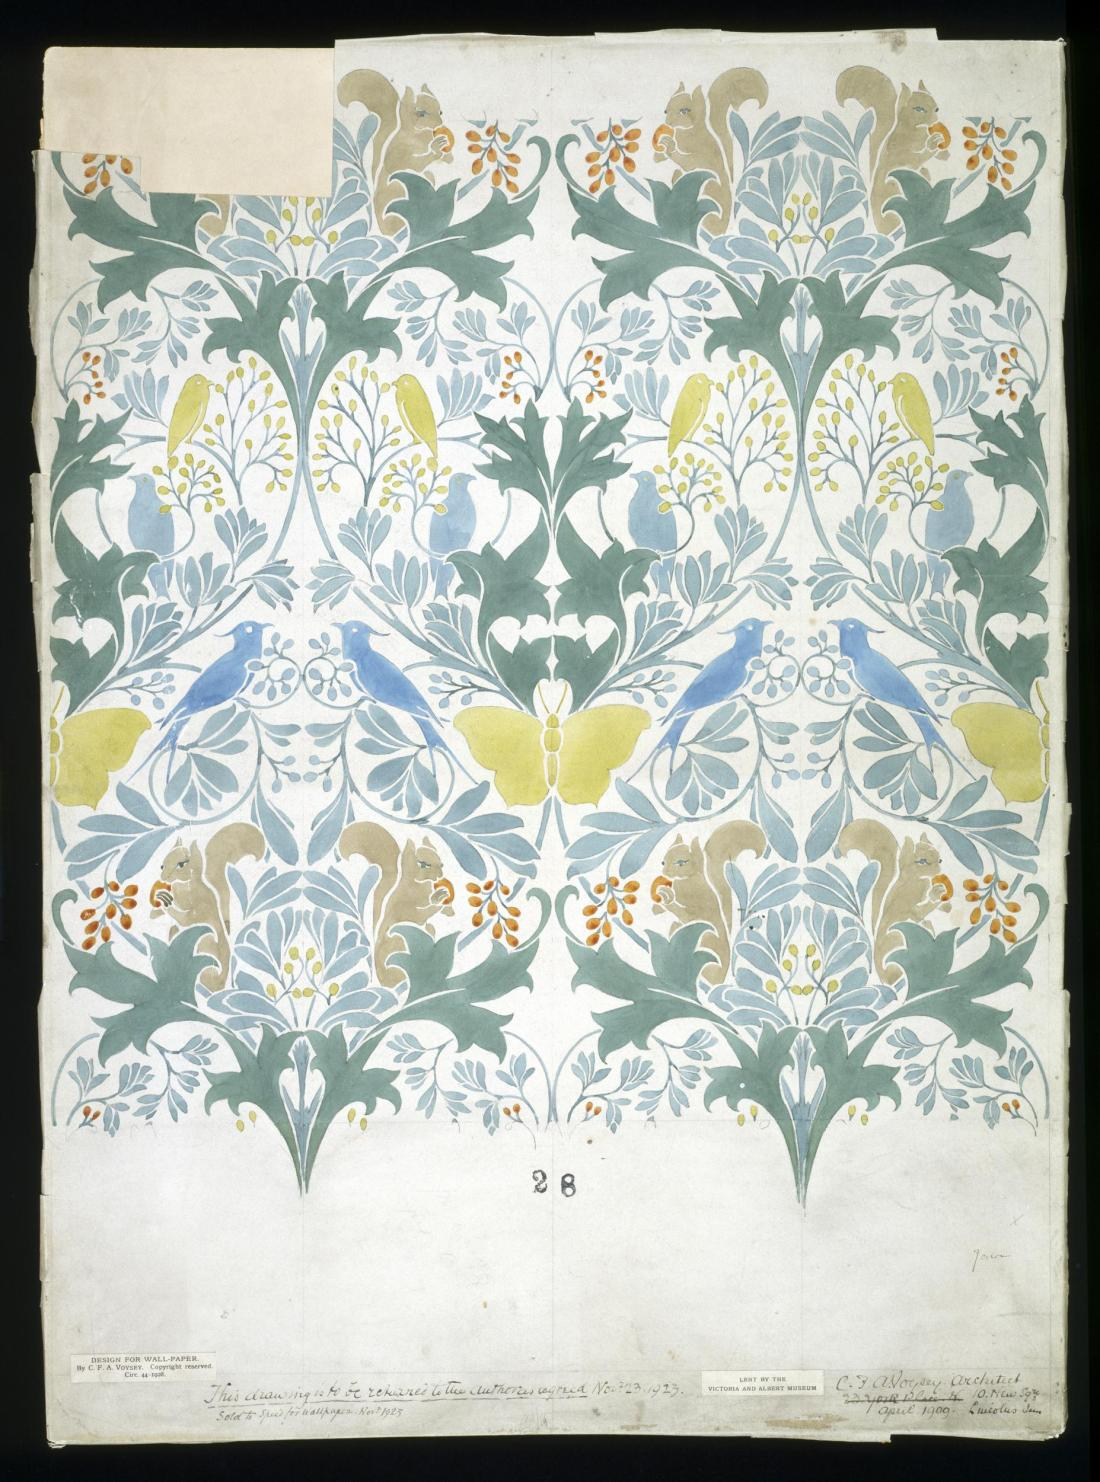 Wallpaper design. April, 1909.